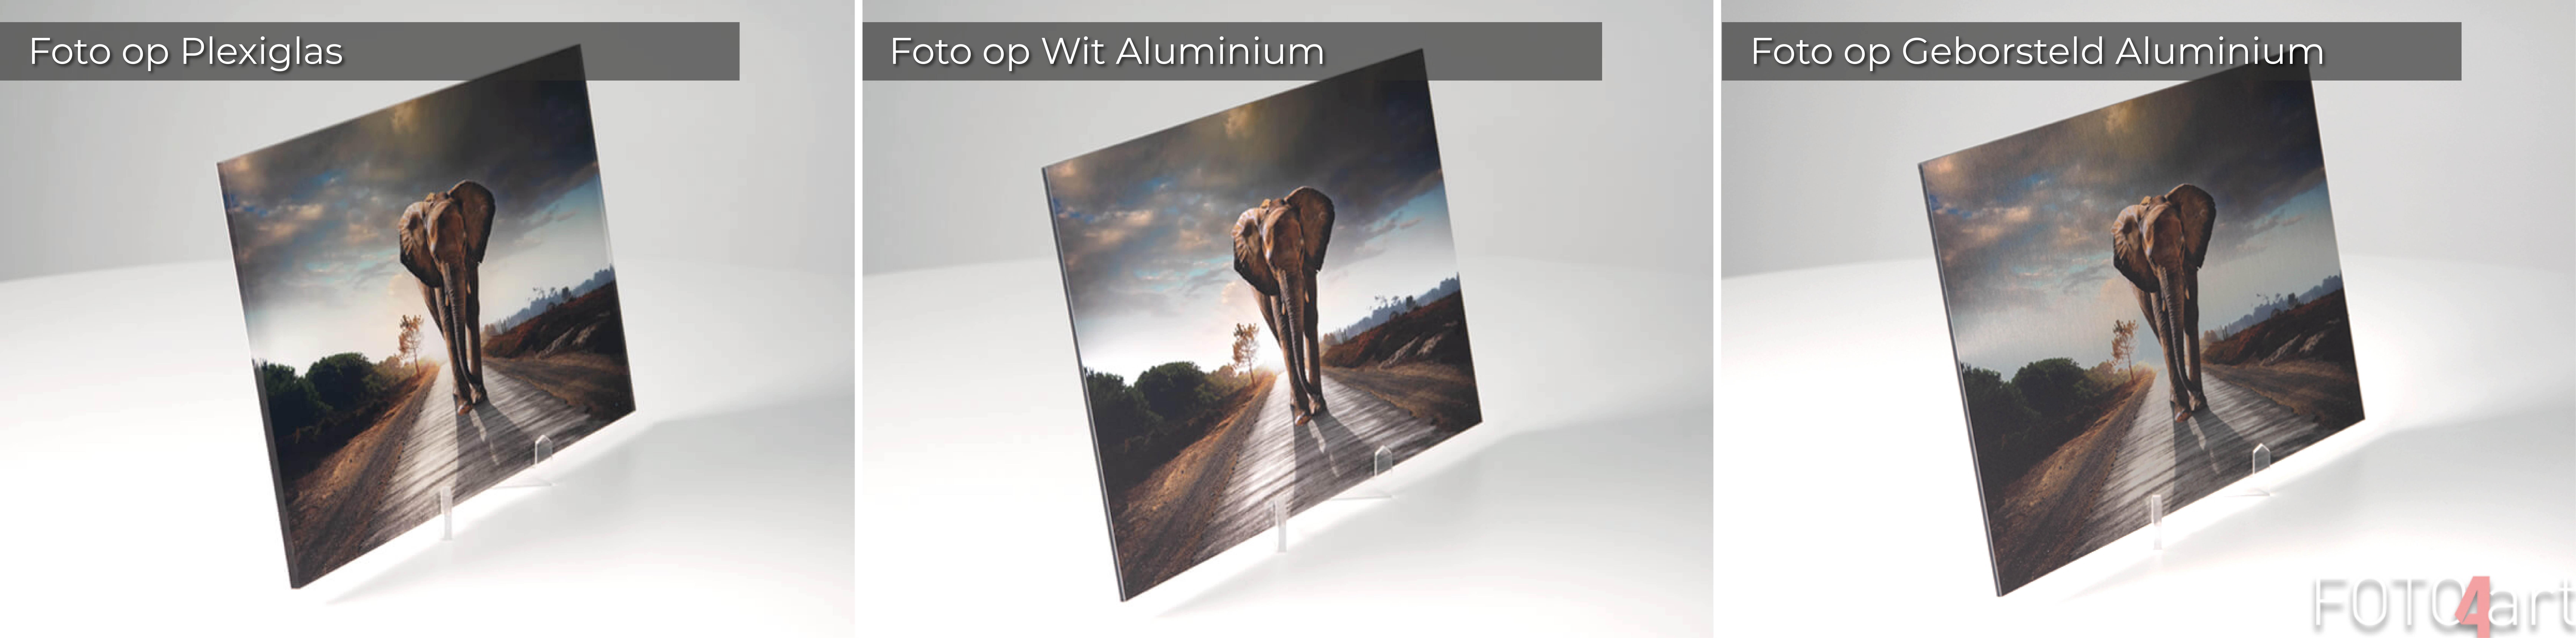 Plexiglas vs Aluminium